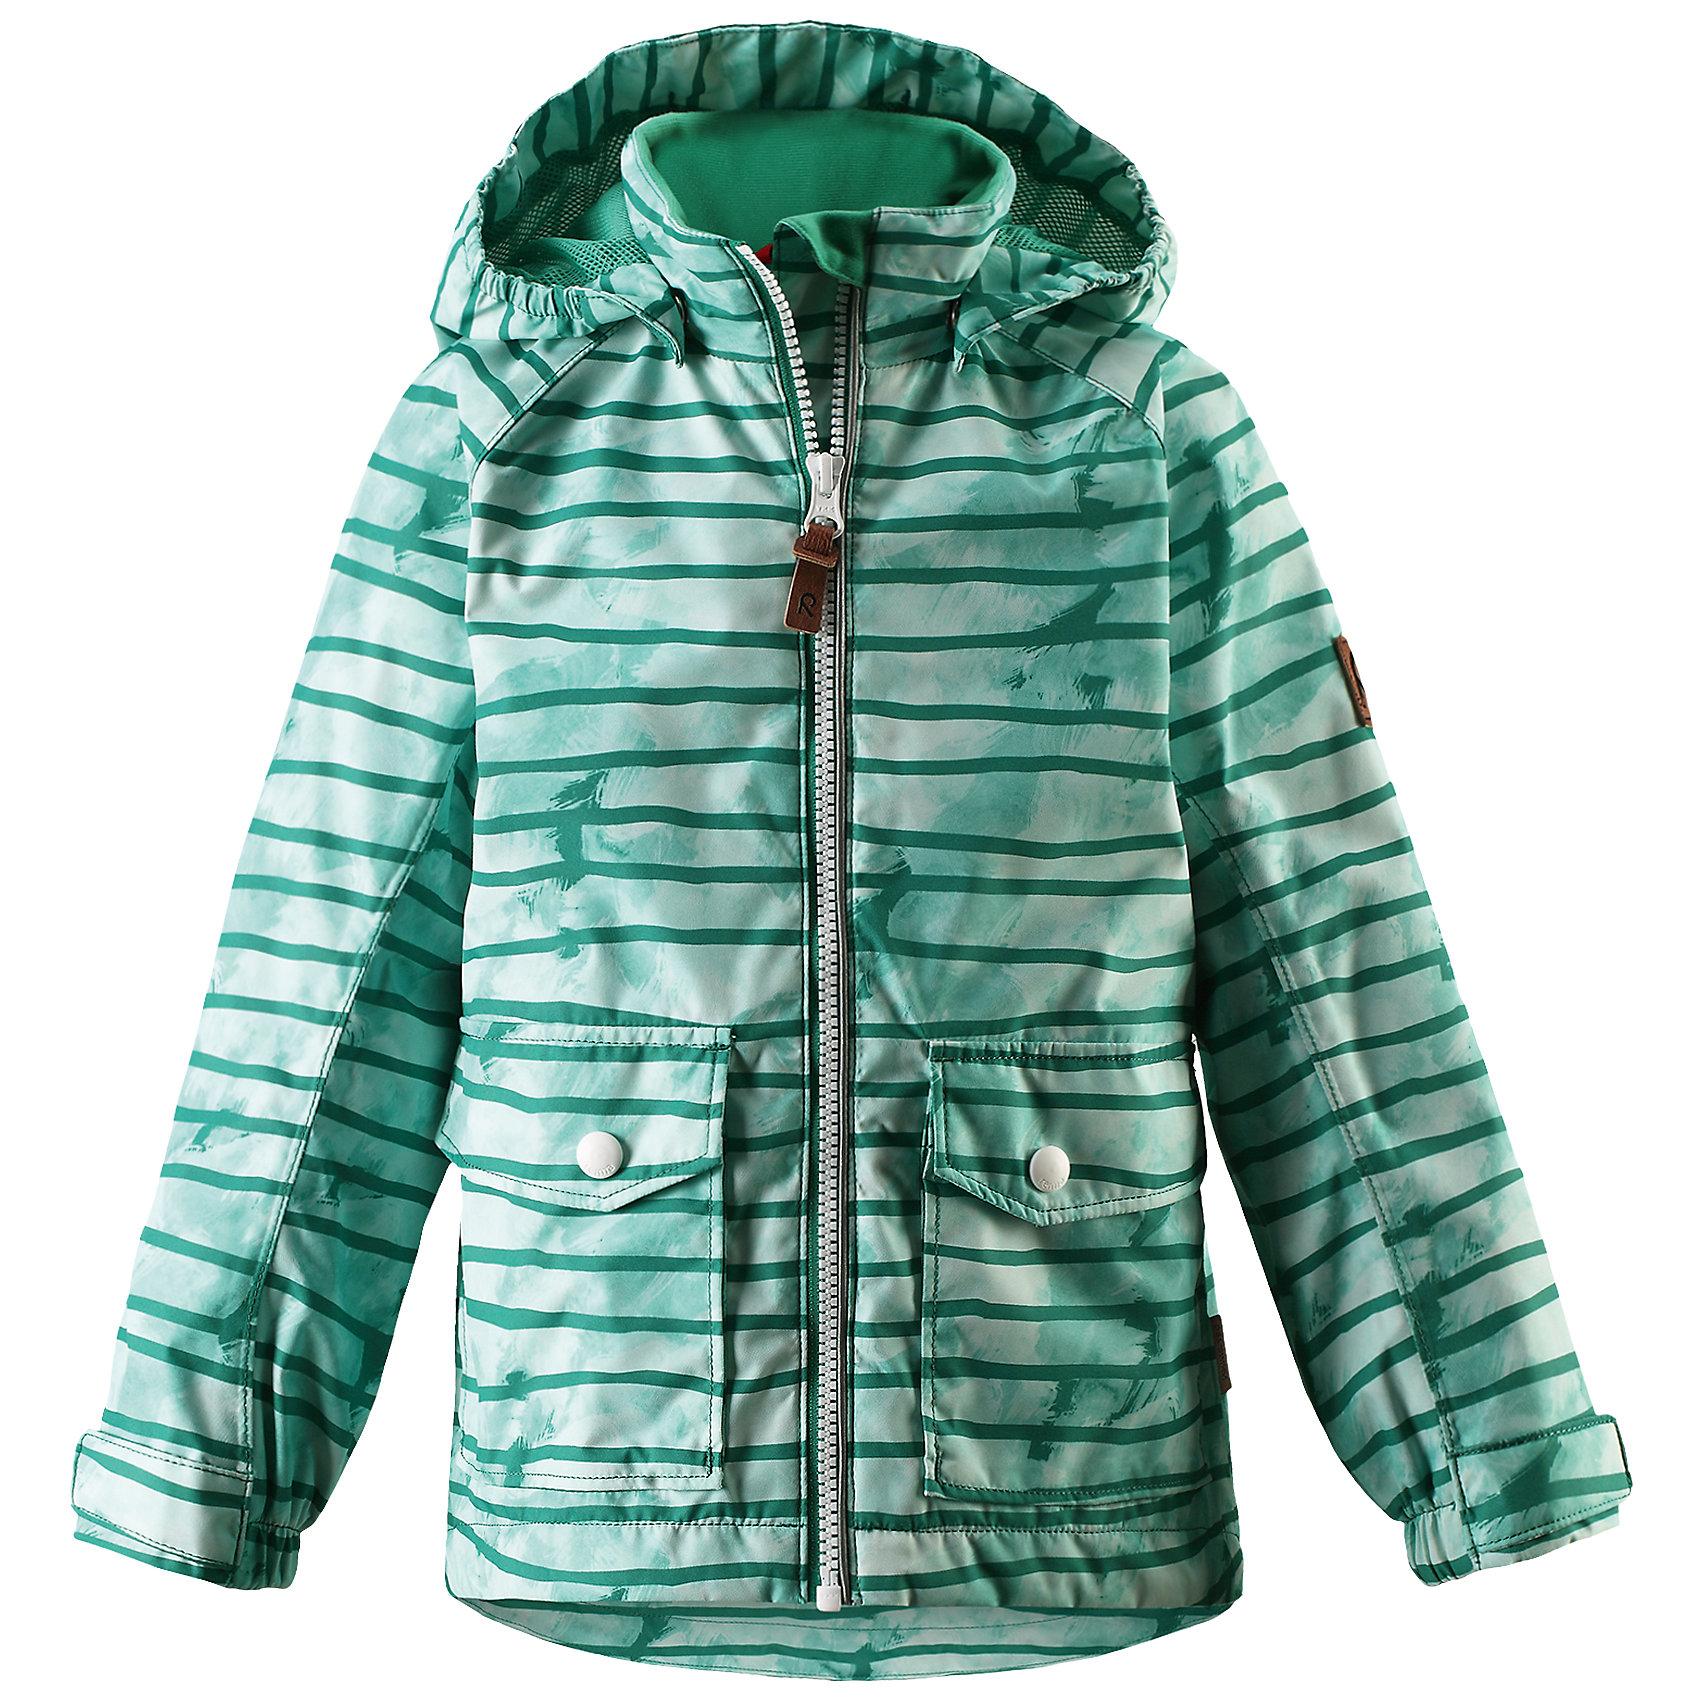 Куртка для мальчика Reimatec® ReimaКуртка  для мальчика от финского бренда Reima.<br> Куртка демисезонная для детей. Основные швы проклеены и не пропускают влагу. Водоотталкивающий, ветронепроницаемый, «дышащий» и грязеотталкивающий материал. Гладкая подкладка из полиэстра на теле, подкладка из mesh-сетки на капюшоне. Безопасный, съемный капюшон. Регулируемый манжет на липучке. Регулируемый подол. Два кармана с клапанами.<br>Состав:<br>100% Полиэстер, полиуретановая мембрана<br><br>Уход:<br>Стирать по отдельности, вывернув наизнанку. Застегнуть молнии и липучки. Стирать моющим средством, не содержащим отбеливающие вещества. Полоскать без специального средства. Во избежание изменения цвета изделие необходимо вынуть из стиральной машинки незамедлительно после окончания программы стирки. Сушить при низкой температуре.<br><br>Ширина мм: 356<br>Глубина мм: 10<br>Высота мм: 245<br>Вес г: 519<br>Цвет: зеленый<br>Возраст от месяцев: 60<br>Возраст до месяцев: 72<br>Пол: Мужской<br>Возраст: Детский<br>Размер: 116,110,104,98,152,92,146,140,134,128,122<br>SKU: 5270633